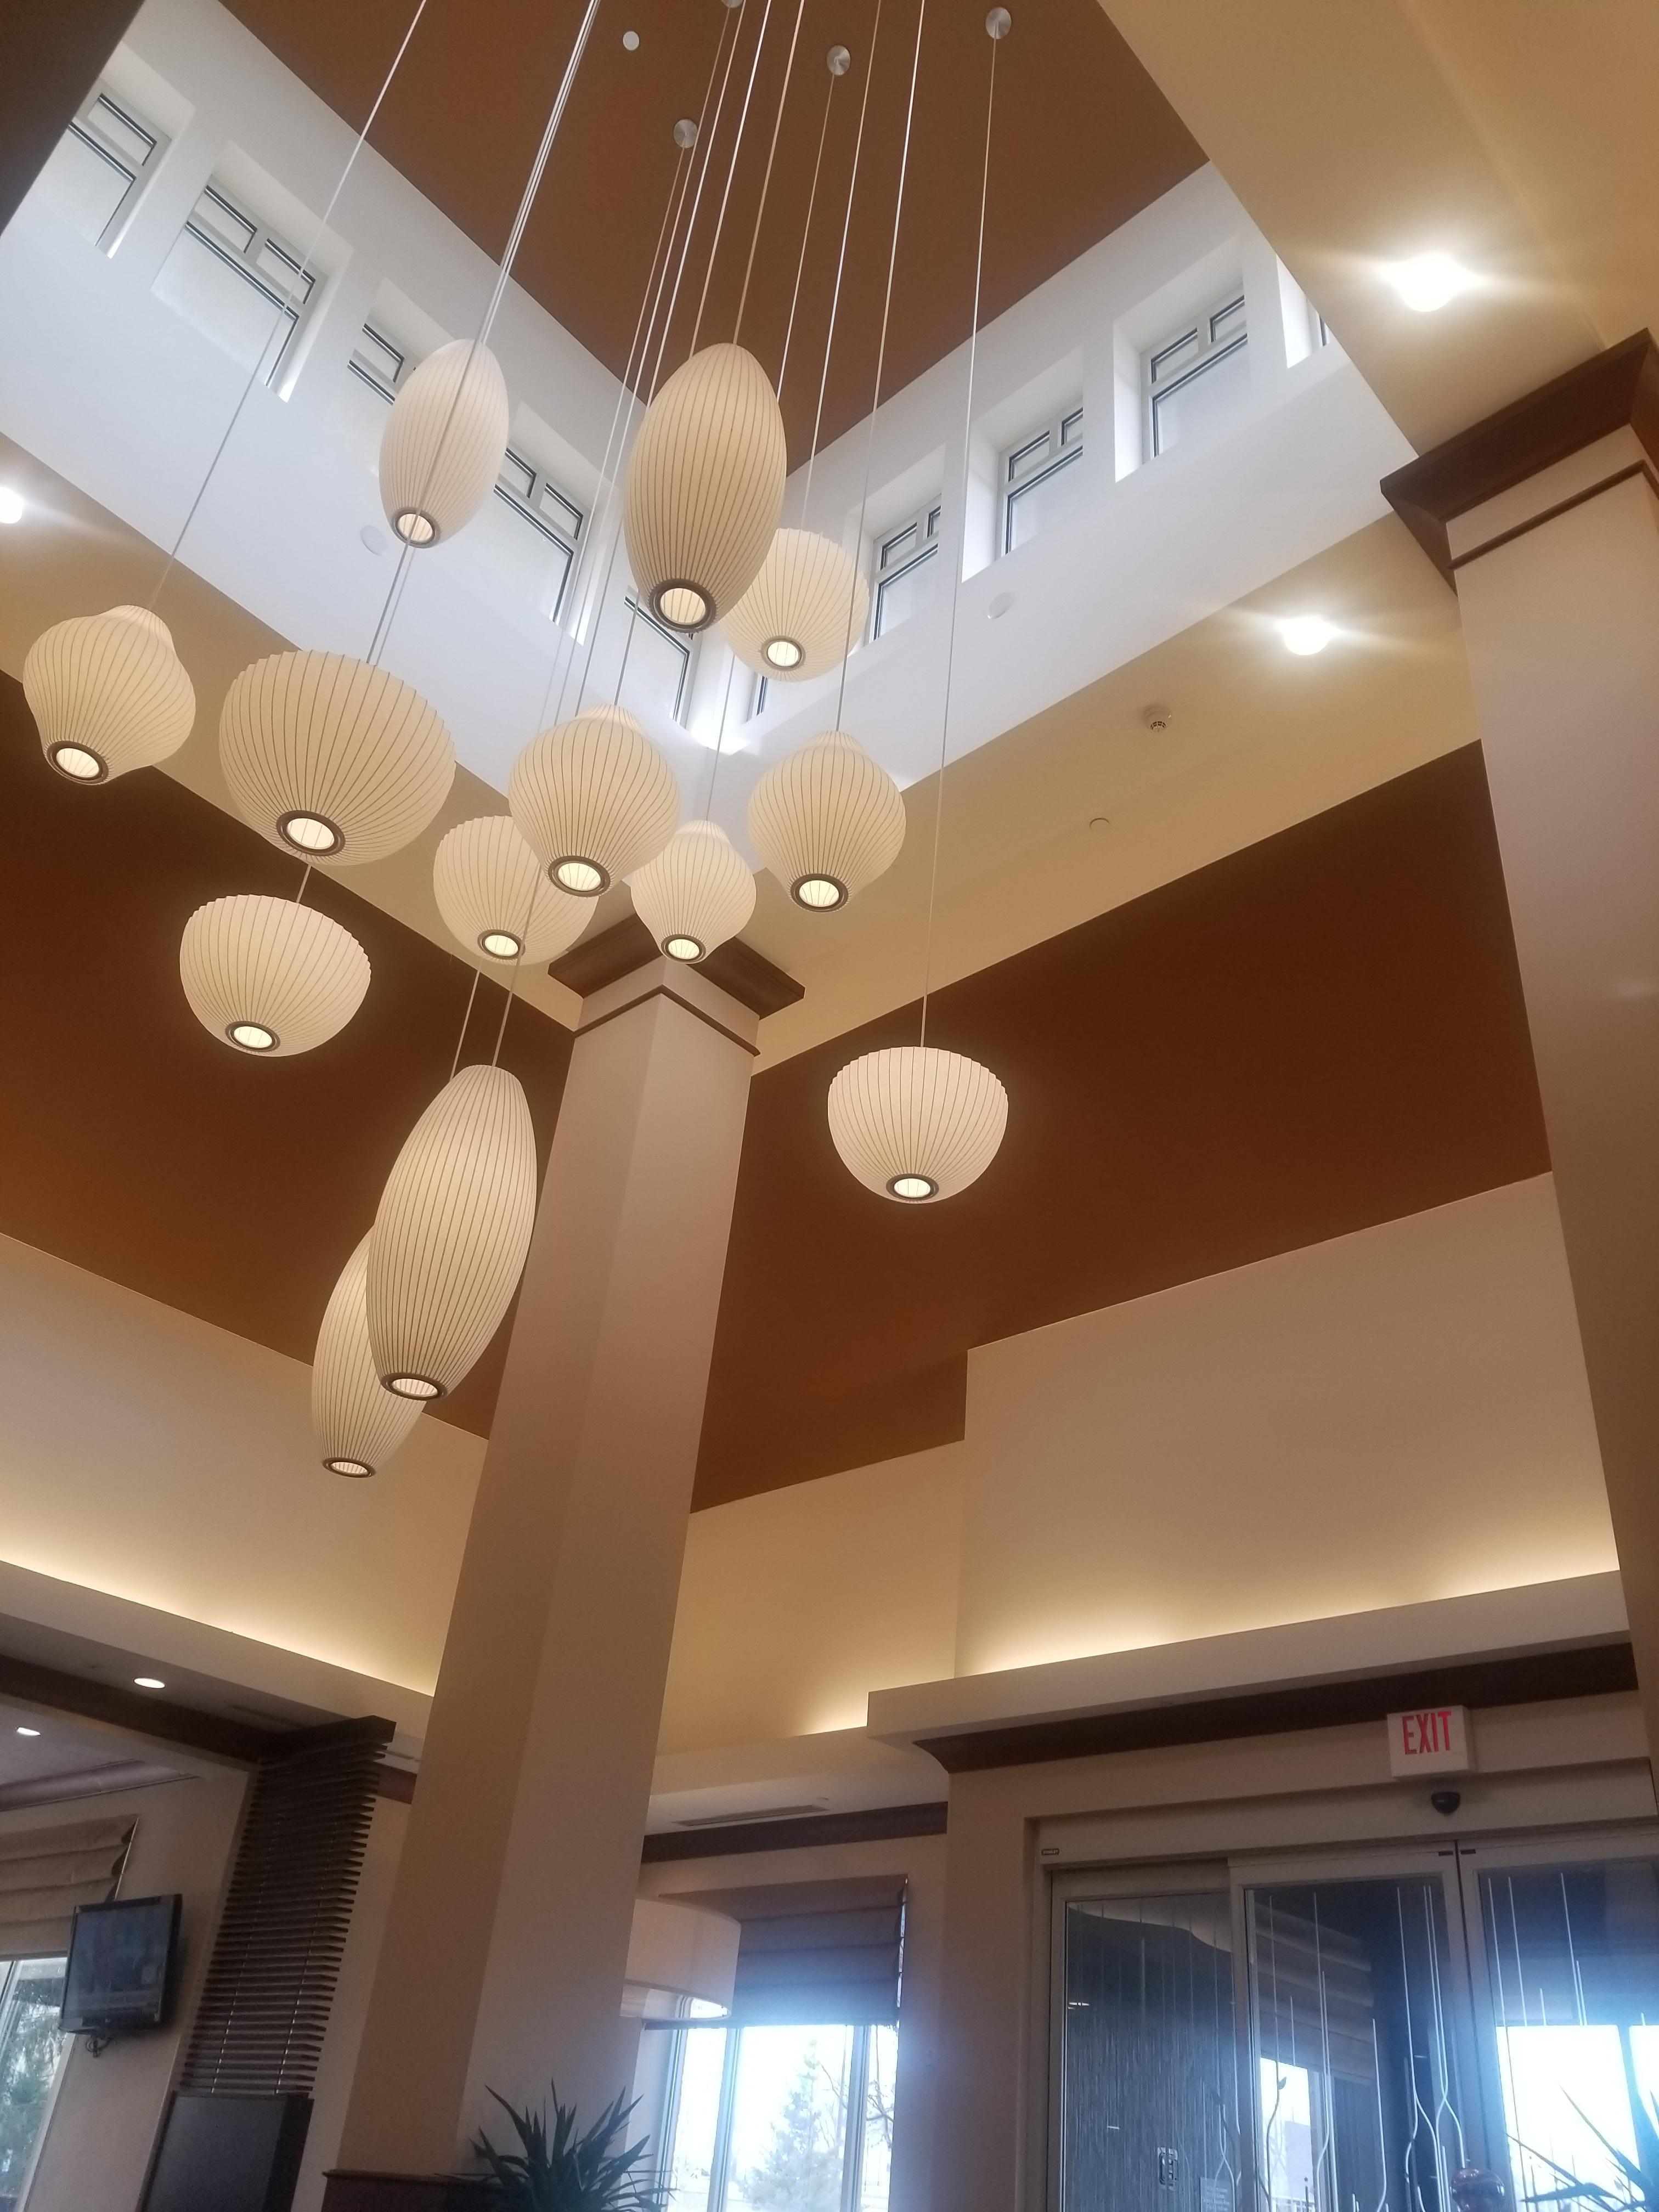 hotelname - Hilton Garden Inn Rockford Il